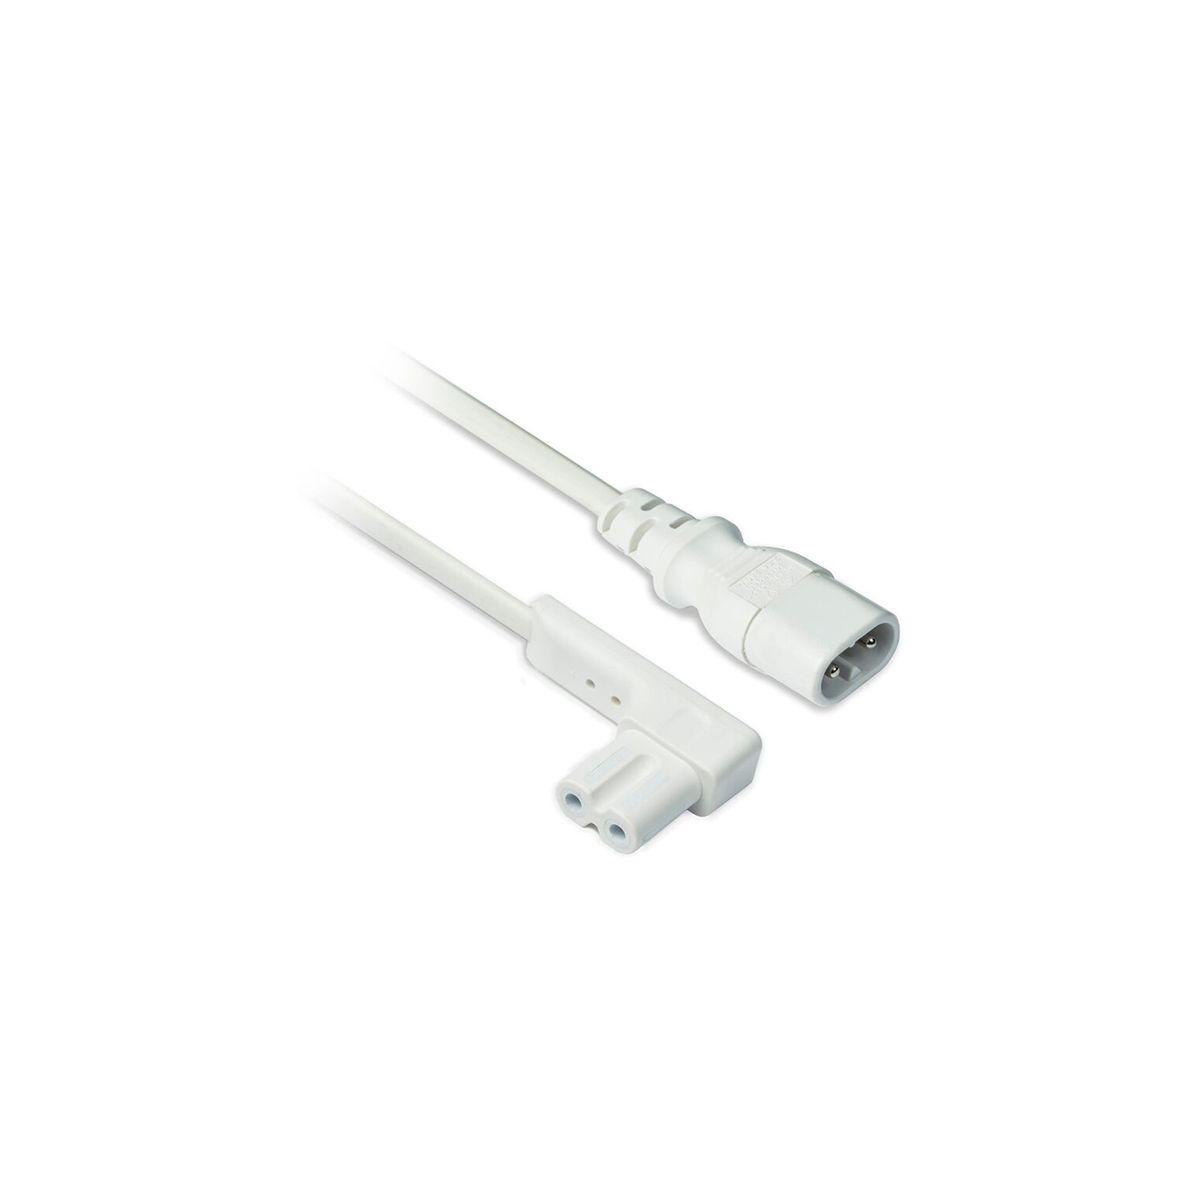 Câble flexson rallonge pour sonos play:1 - 7% de remise immédiate avec le code : multi7 (photo)